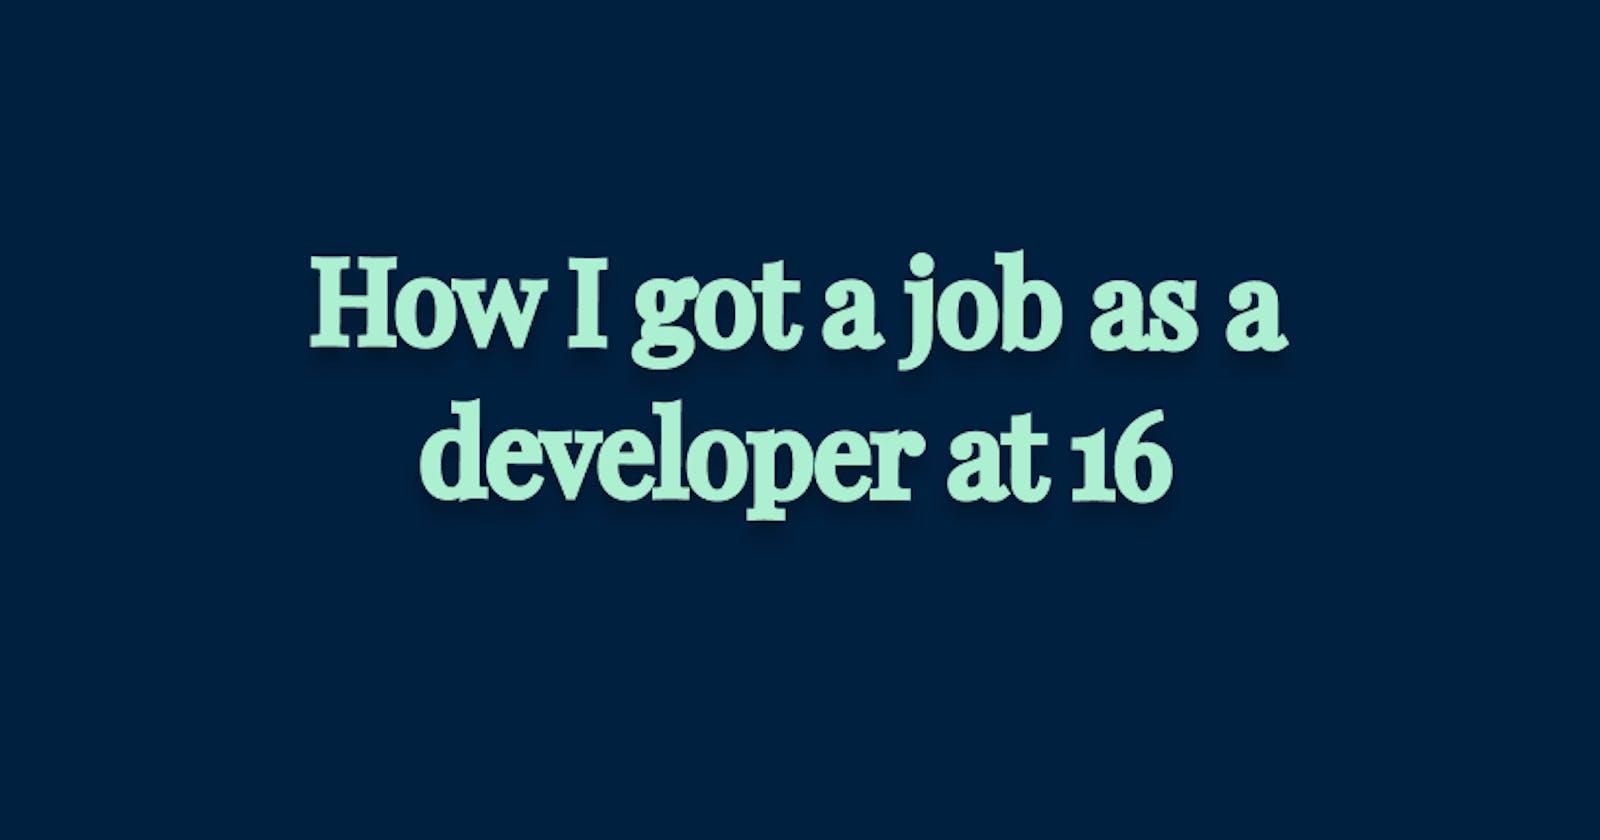 How I got a job as a developer at 16